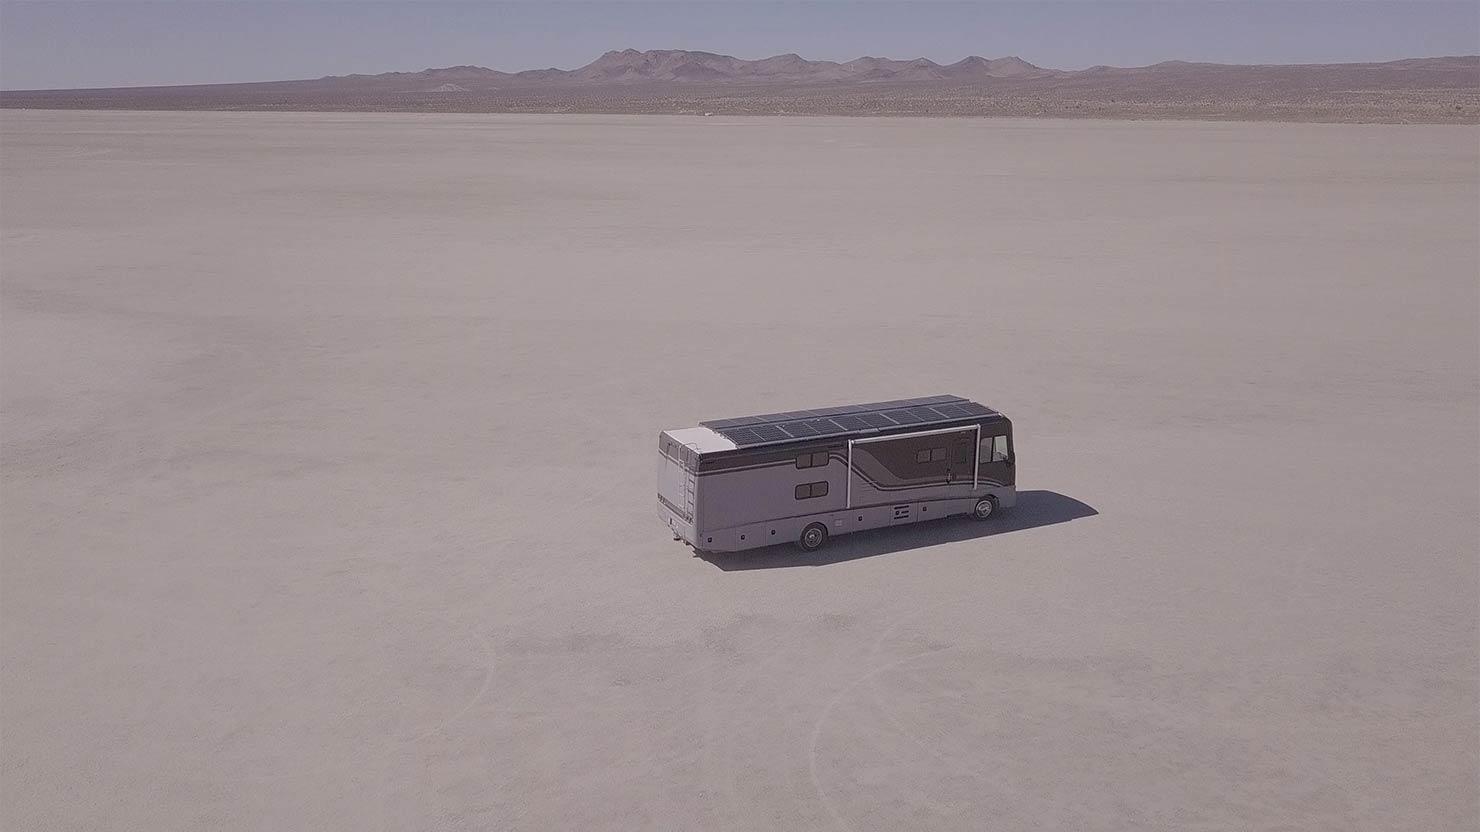 ミュージシャンのノマドな音楽製作。砂漠の真ん中、ソーラーレコーディングスタジオ「LAGOODVIBE」